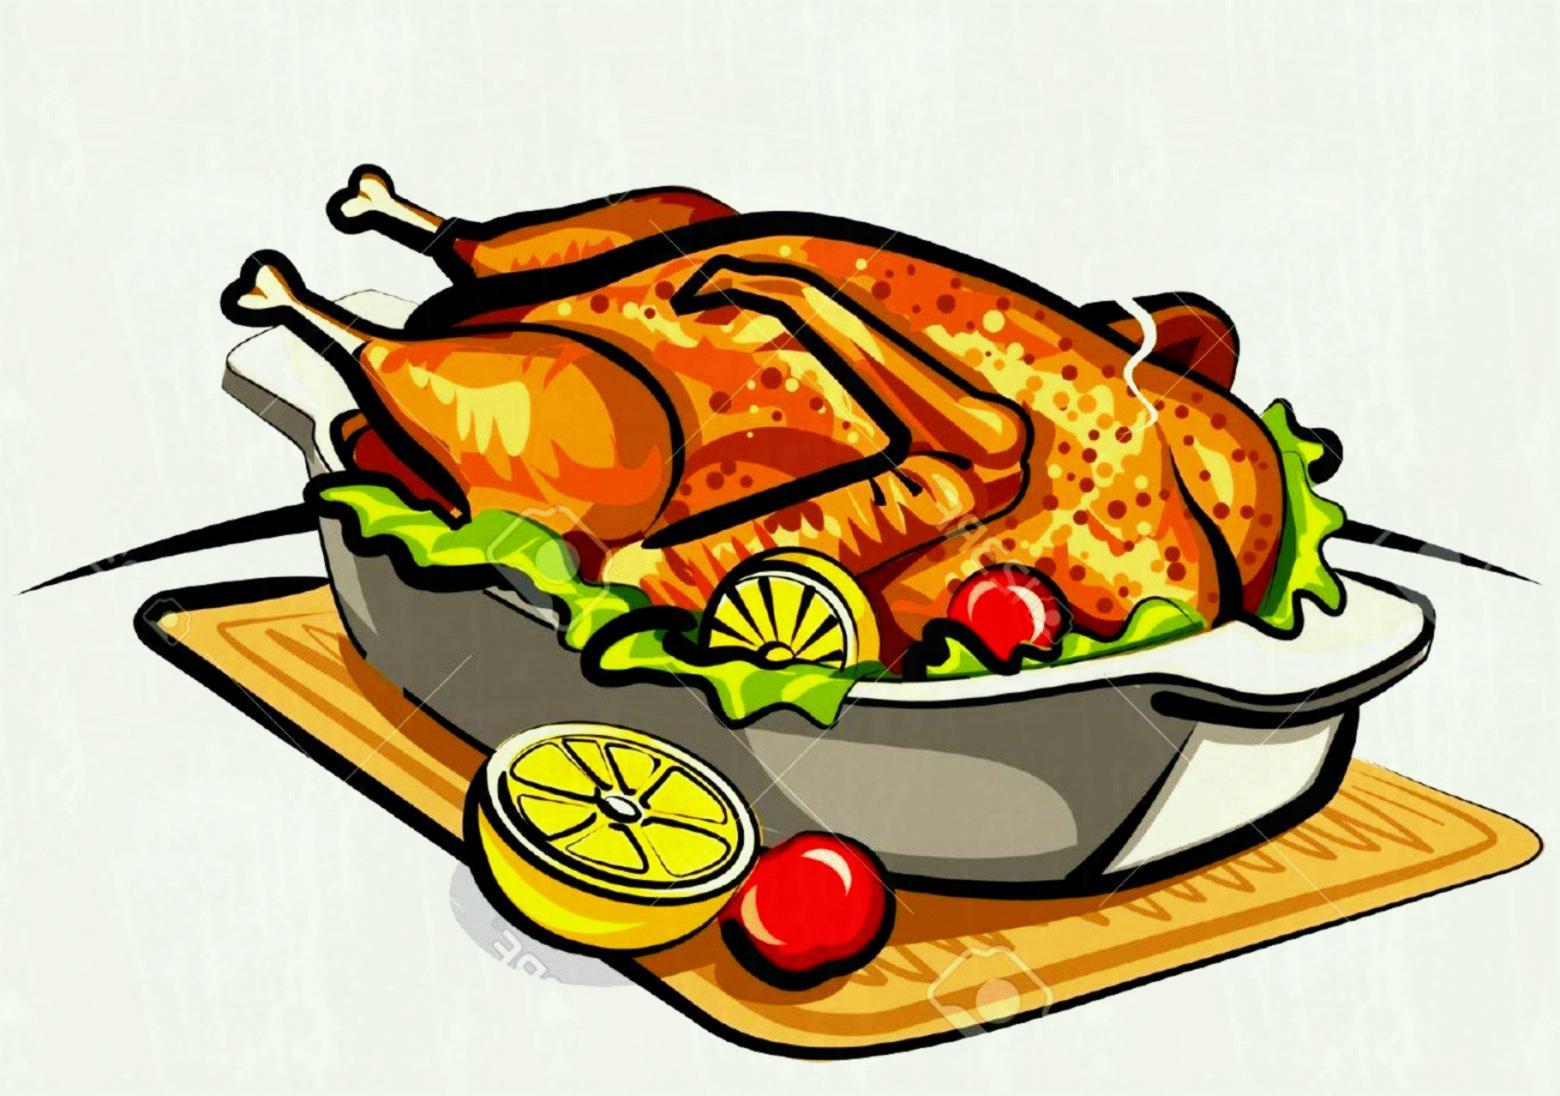 Station . Chicken clipart roasted chicken